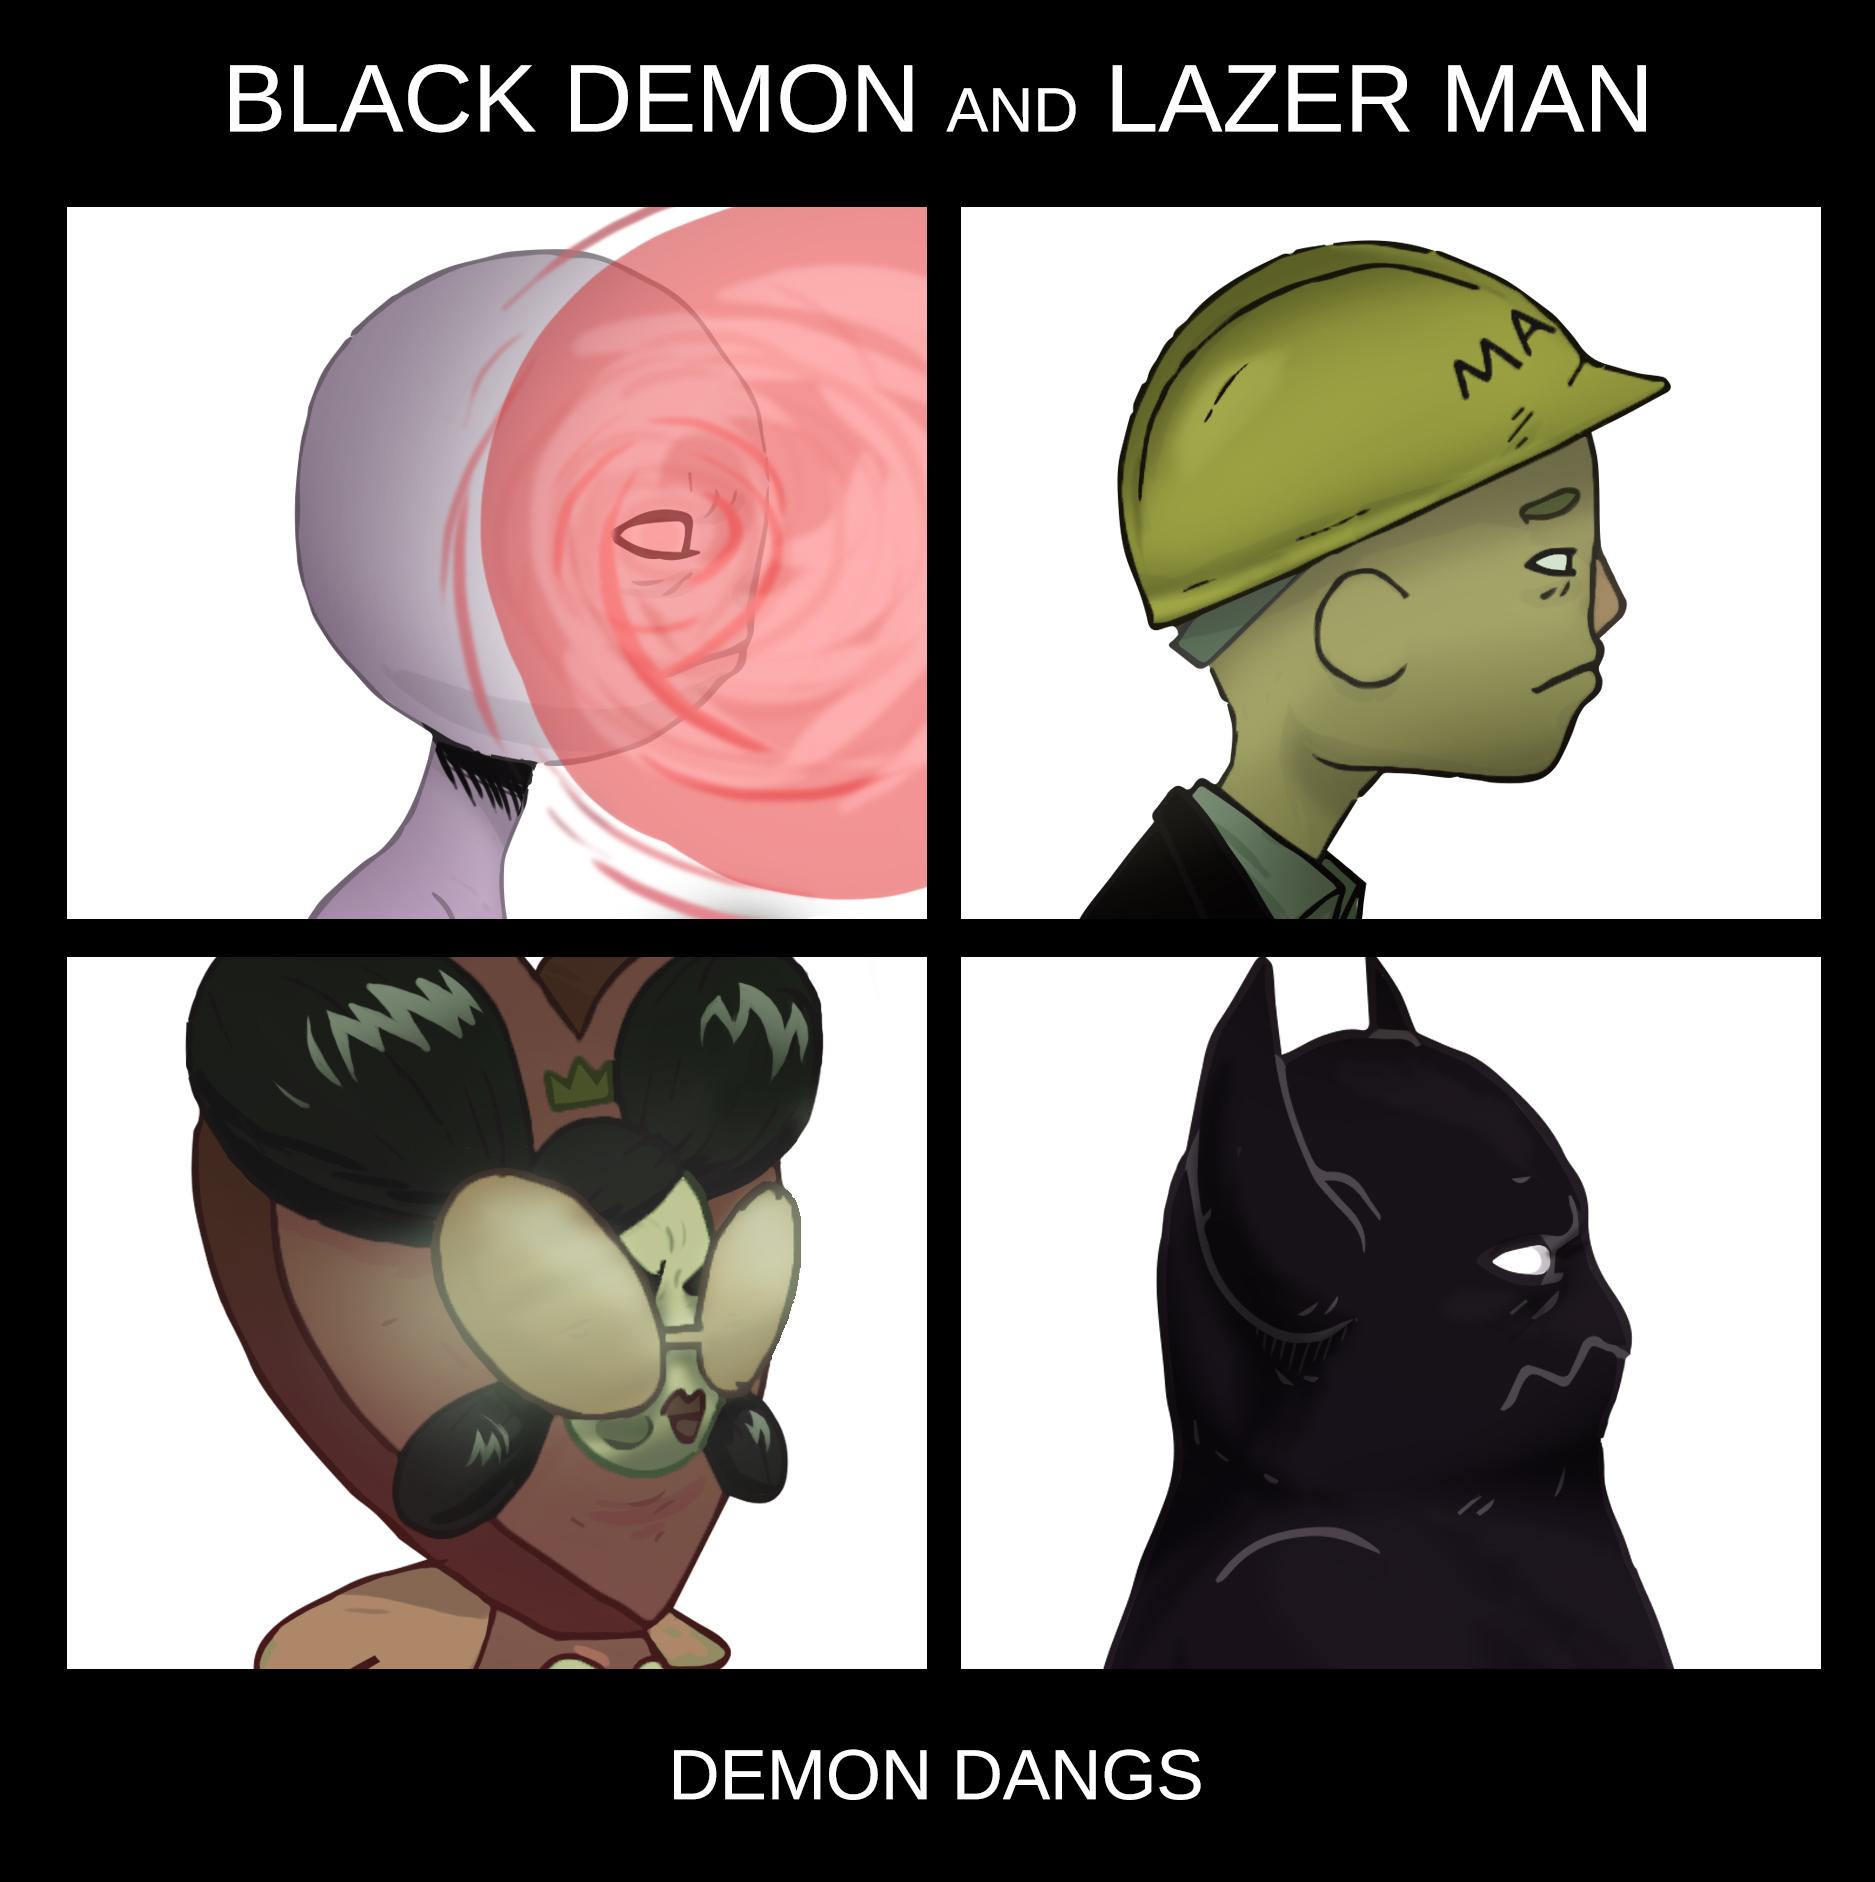 Demon Dangs